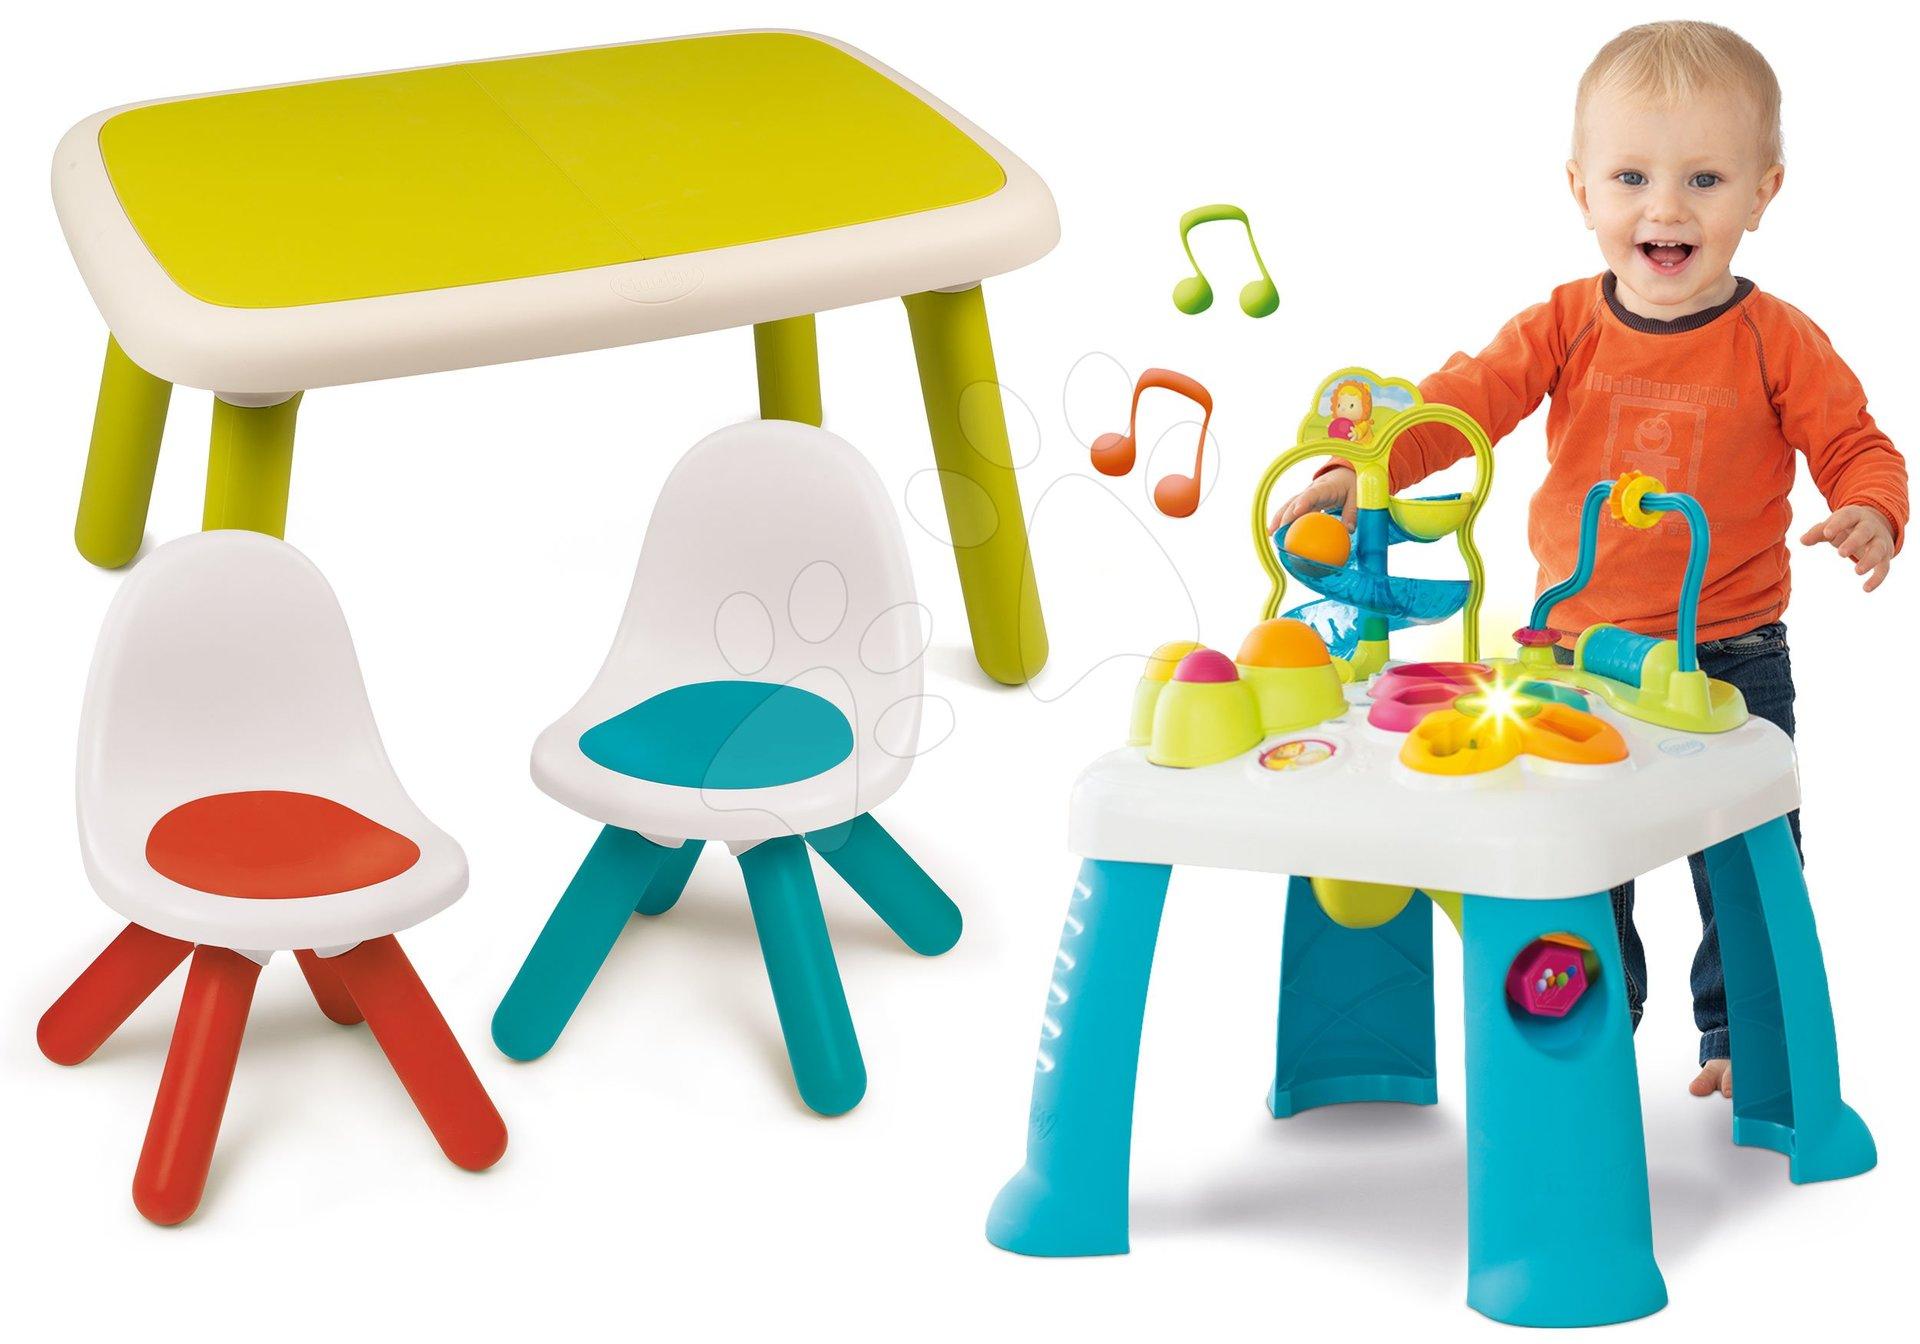 Set didaktický stôl Activity Table Cotoons Smoby so zvukom, svetlom a stôl s dvoma stoličkami Kid